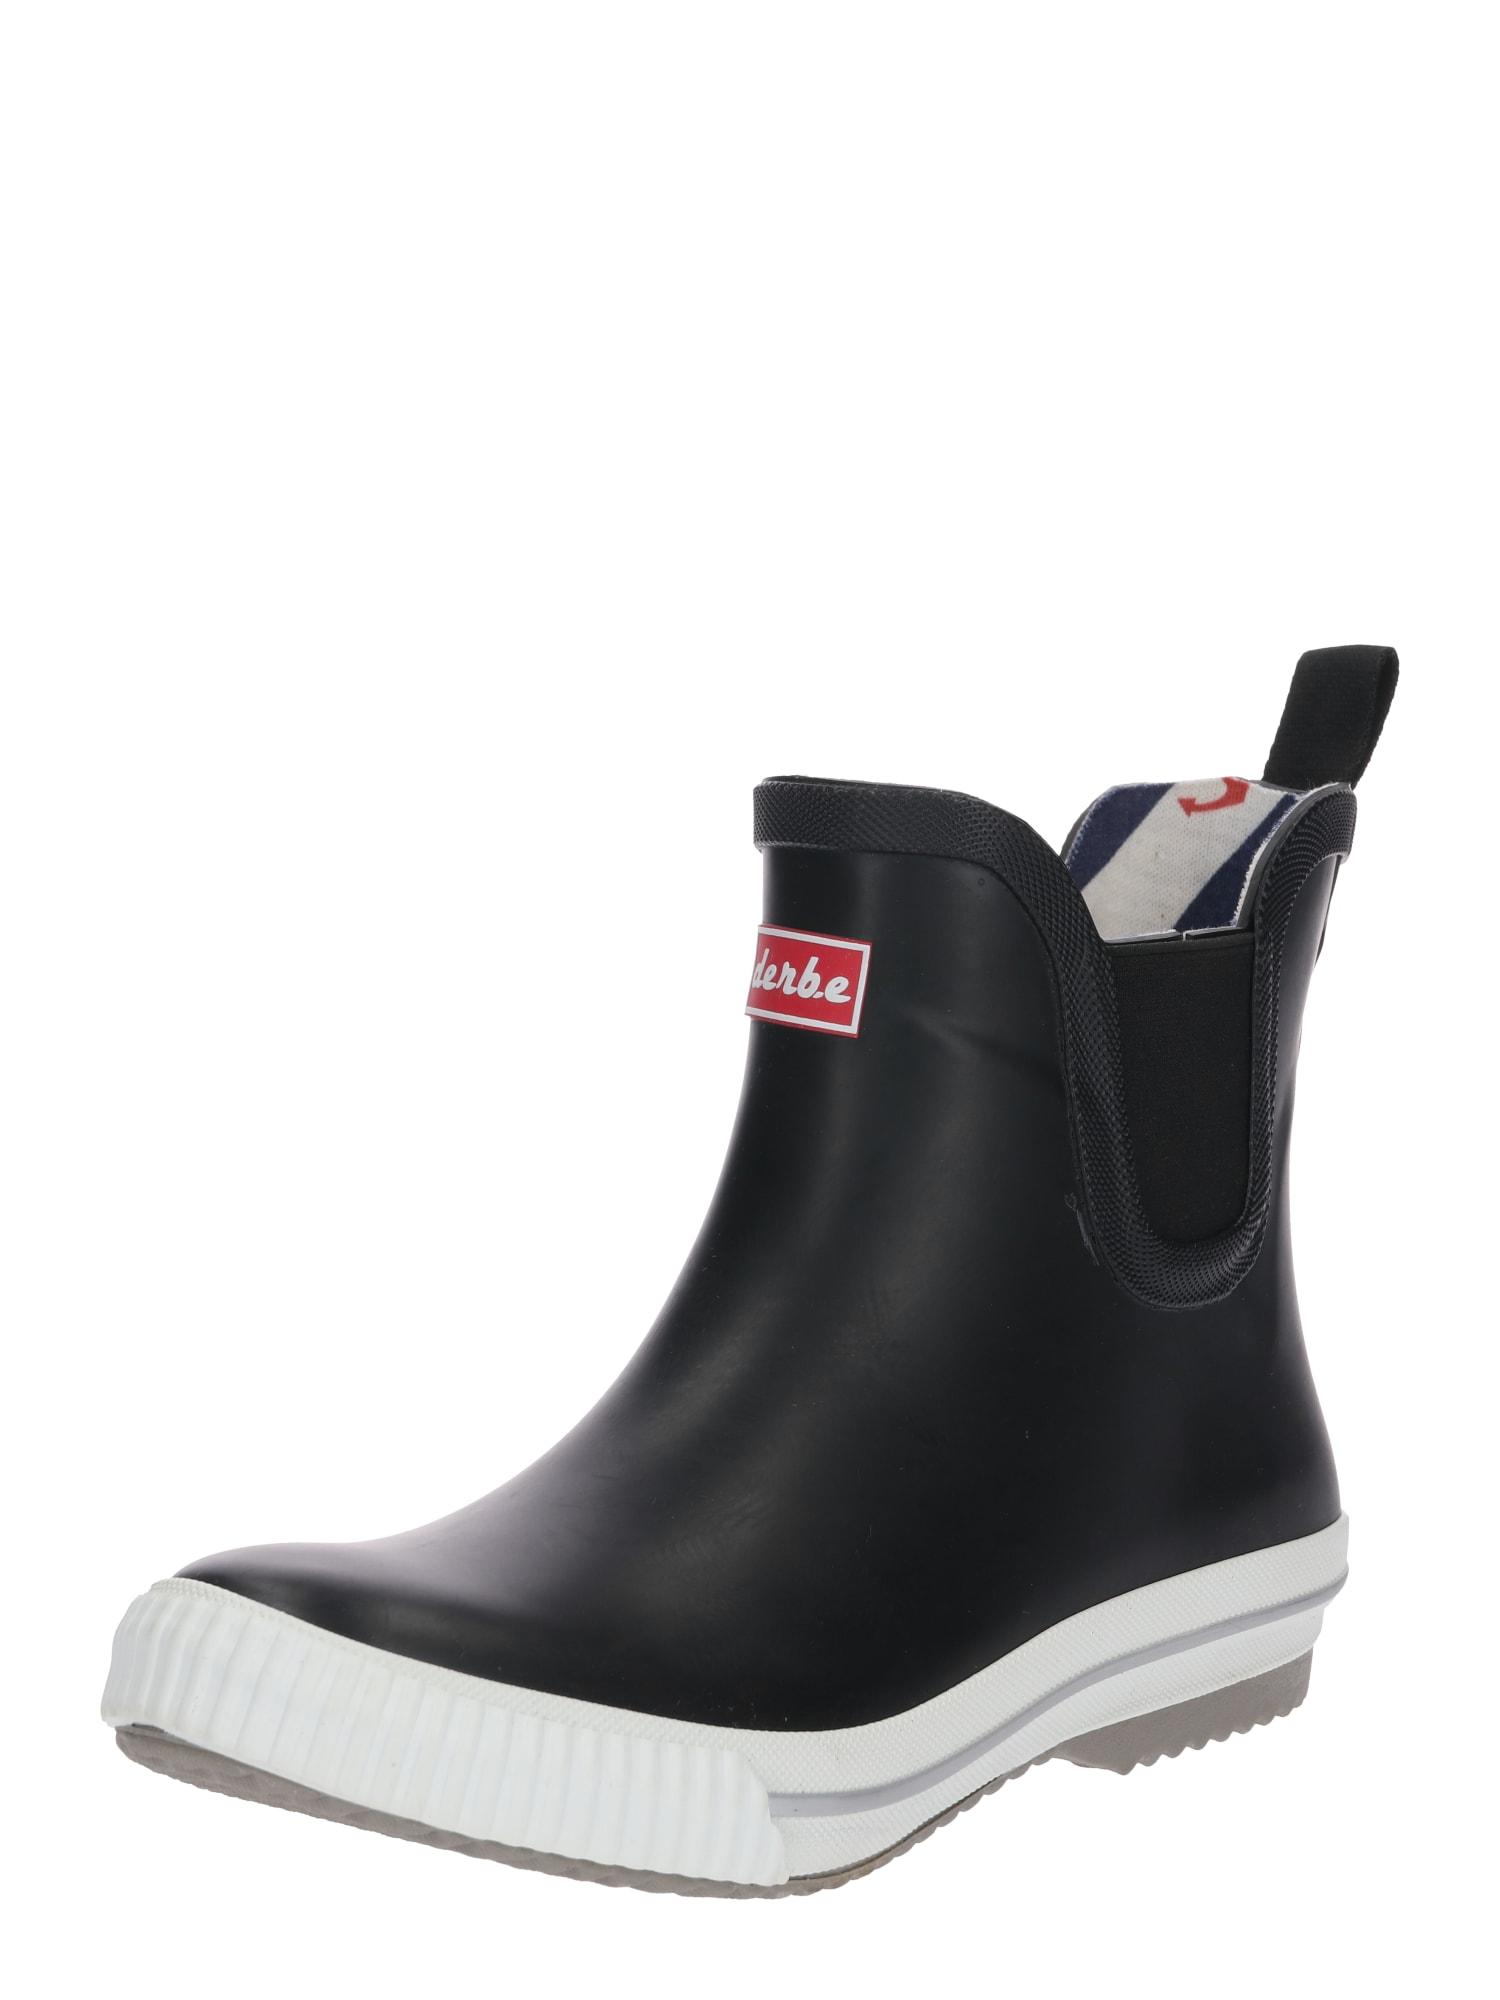 Gummistiefelette 'Wattpuuschen' | Schuhe > Gummistiefel | Derbe